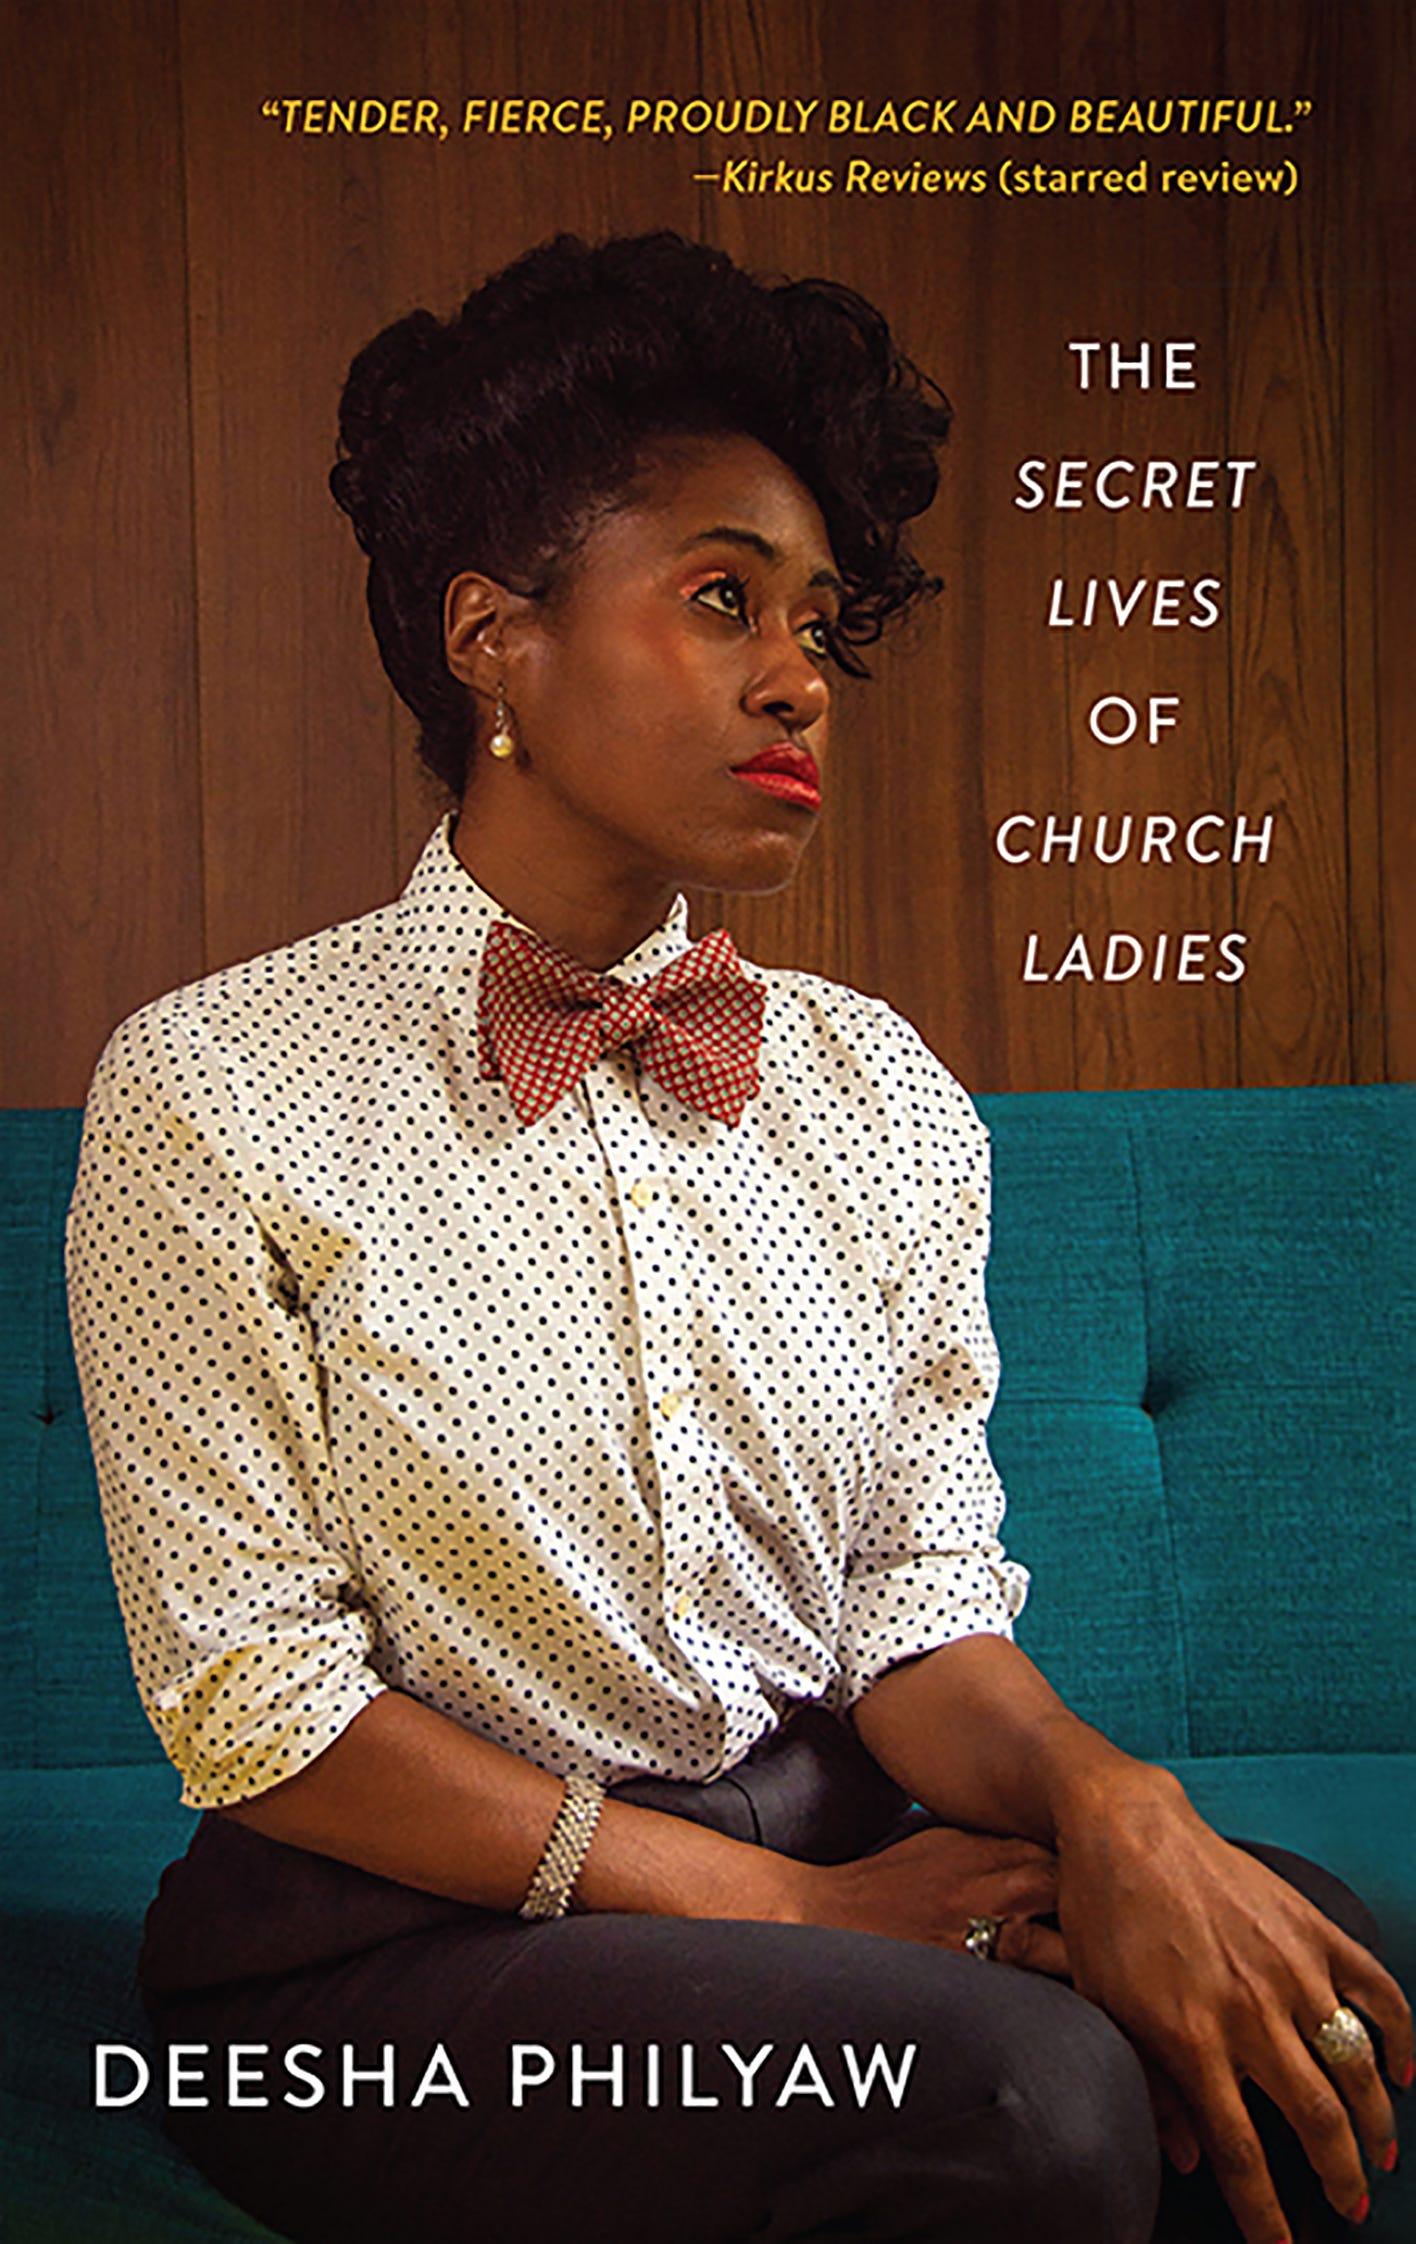 """Meine linke Hand hält das Buch """"The Secret Lives of Church Ladies"""" von Deesha Philyaw, darunter sieht man eine blaue Decke. Auf dem Buchcover sieht man eine junge Schwarze Frau mit hochgesteckten Haaren, rotgeschminkten Lippen und Augen und Perlenohrring im Profil, die eine weiße Bluse mit schwarzen Punkten und eine rote Fliege mit hellen Punkten trägt. Sie sitzt auf einem flaschengrünen Sofa und guckt melancholisch nach rechts oben."""